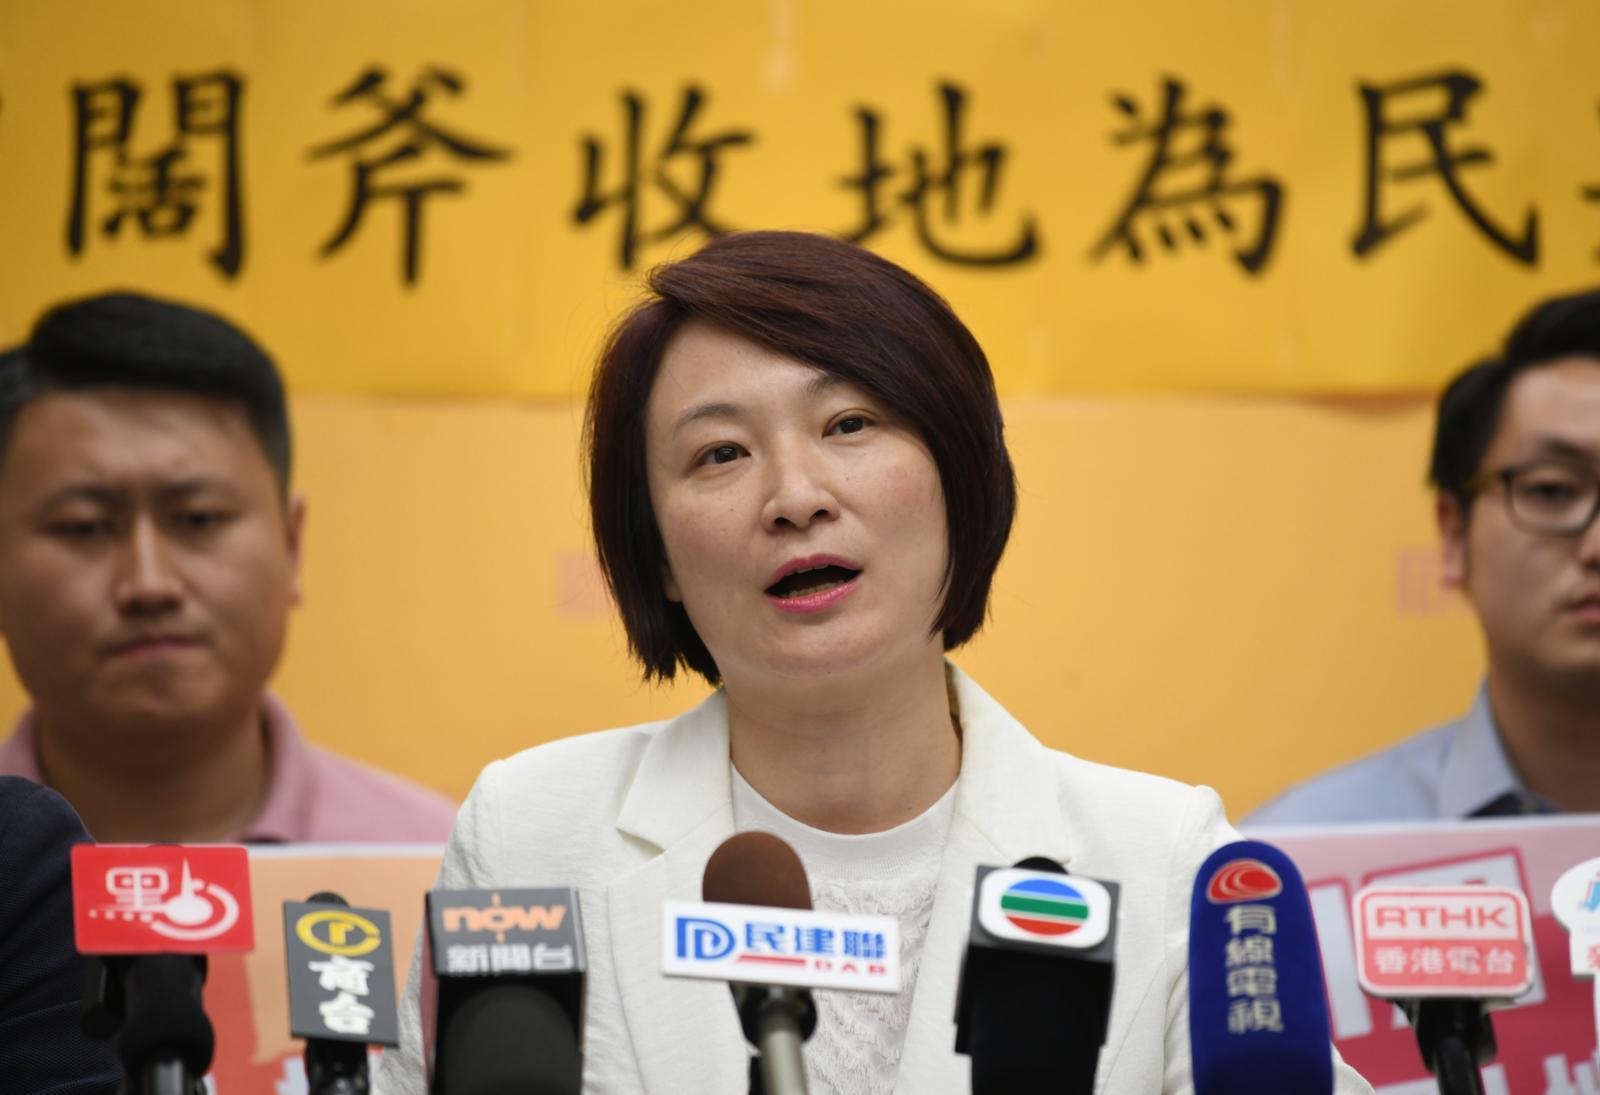 主席李慧琼表示,土地房屋問題是社會其中一個嚴重的深層次矛盾,但過去政府覓地「龜速」,成績令人失望。